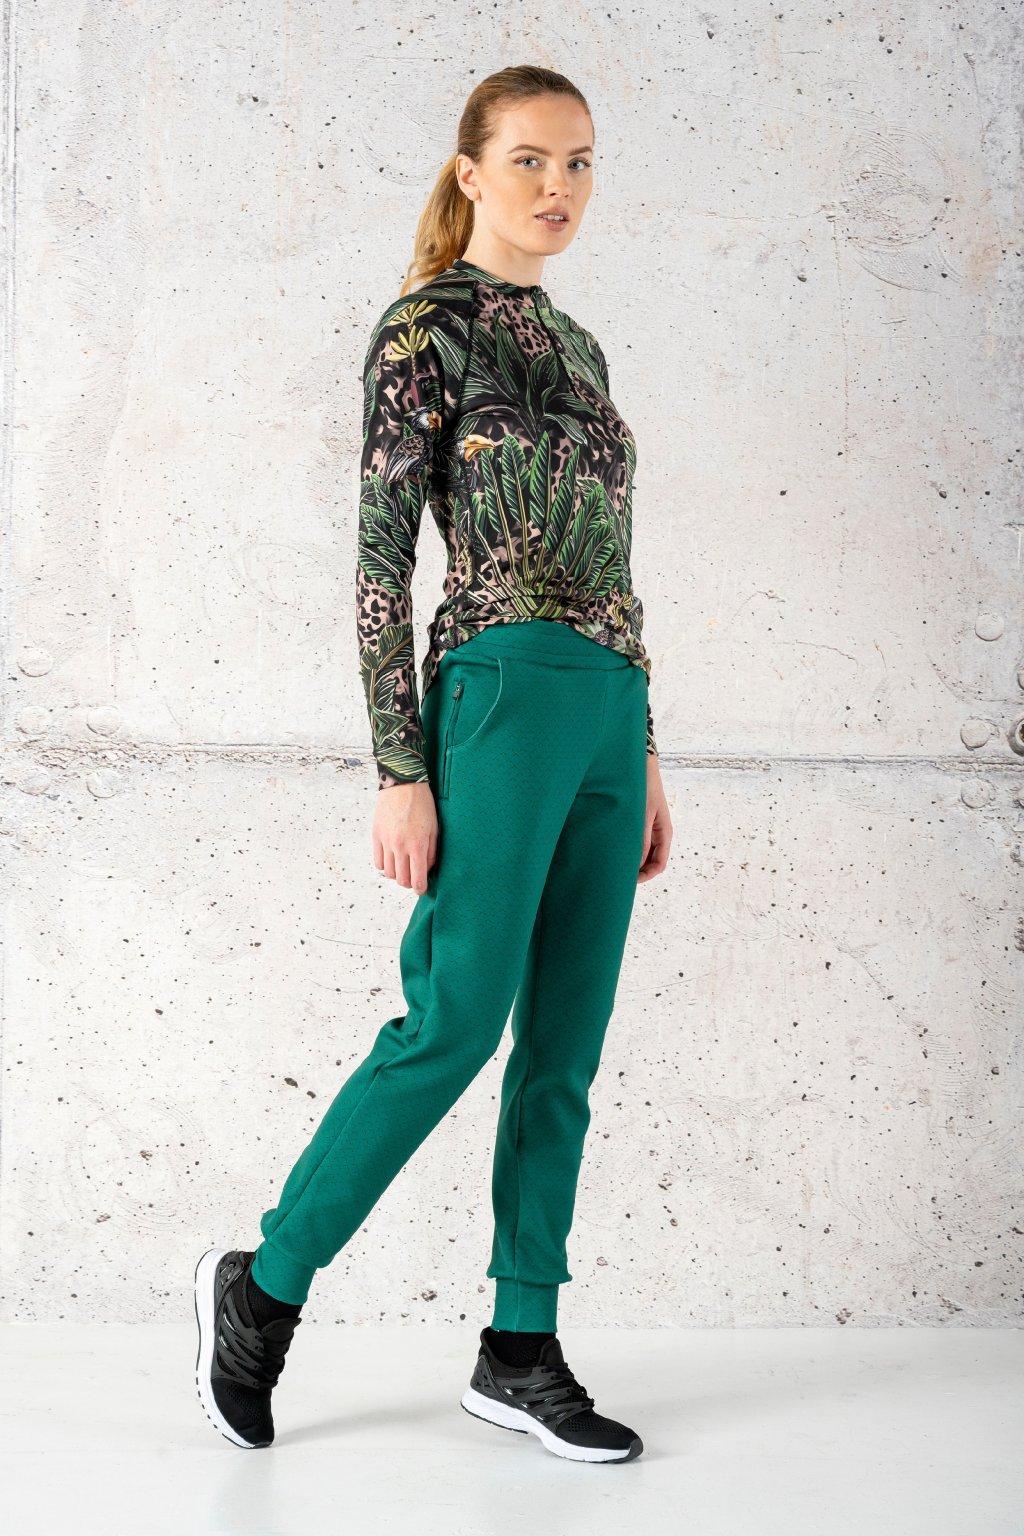 Volné sportovní kalhoty green mirage sdwn 11x5 1